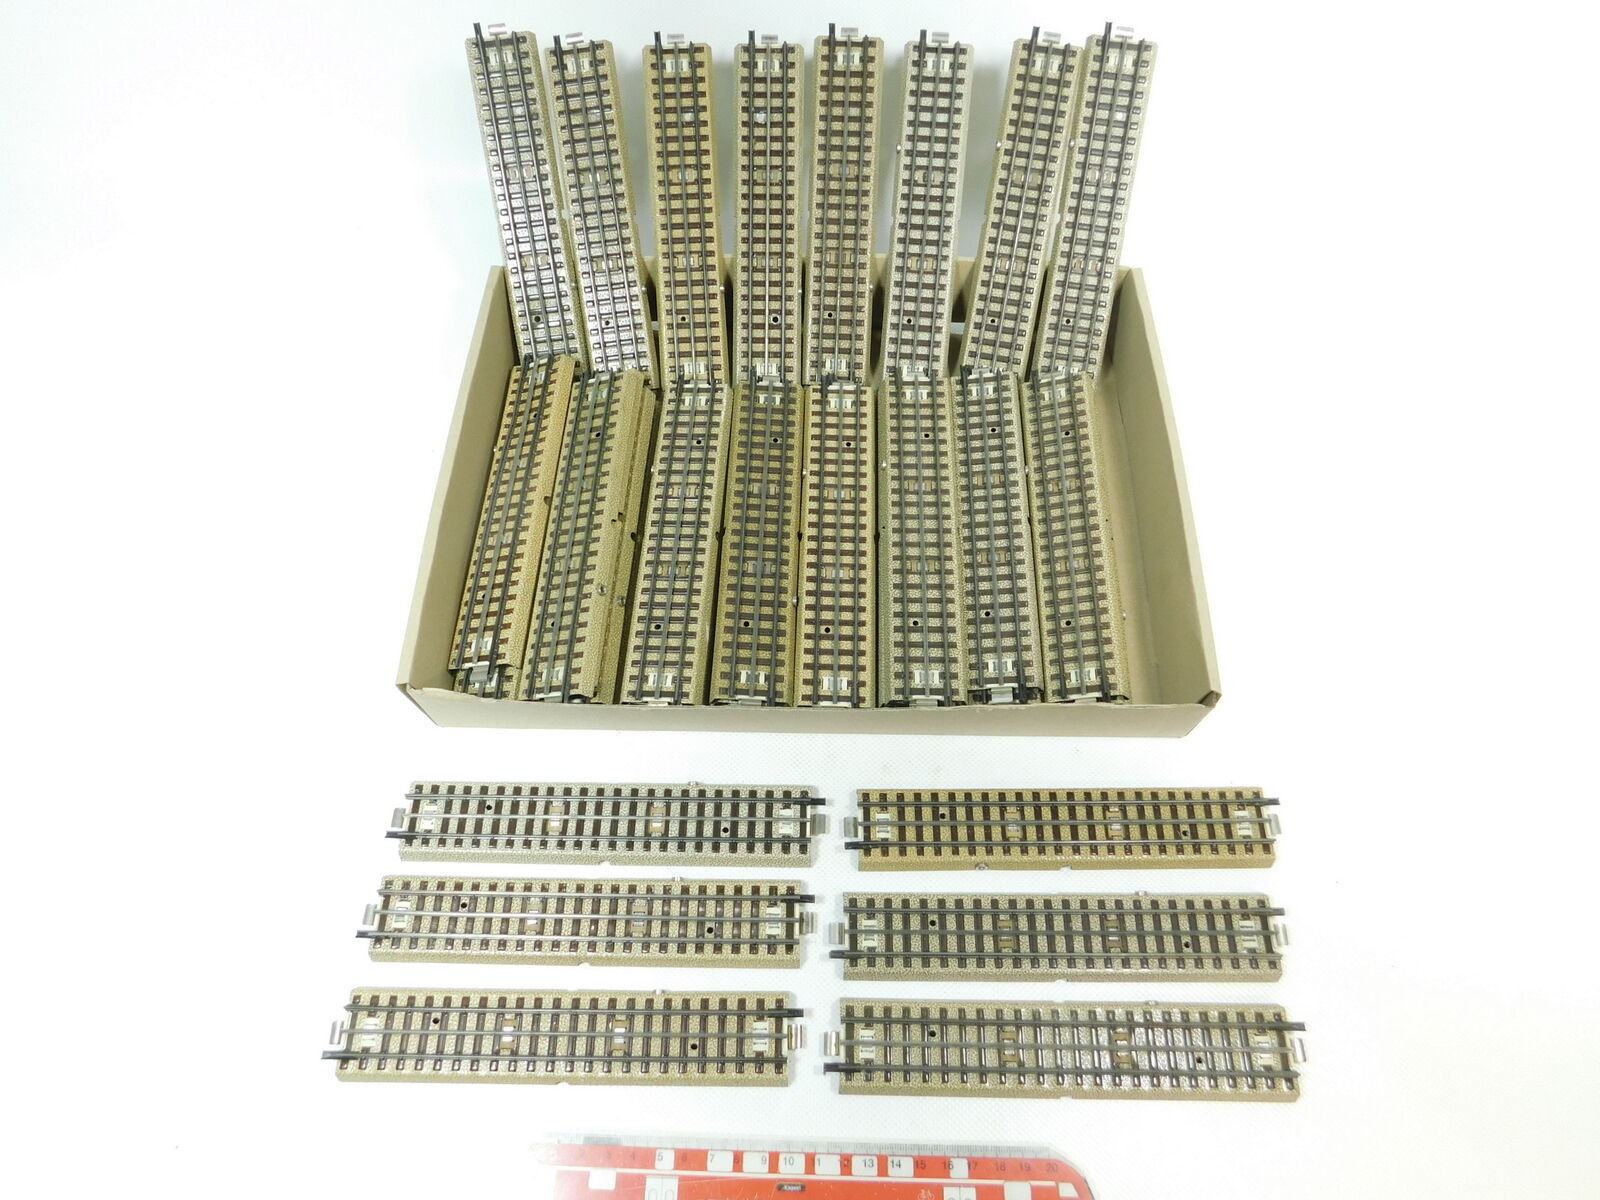 BF714-2 41x marklin H0  00  AC Binario Binario Binario rossoaie M Pista per 3600  800  Terza ec4c09